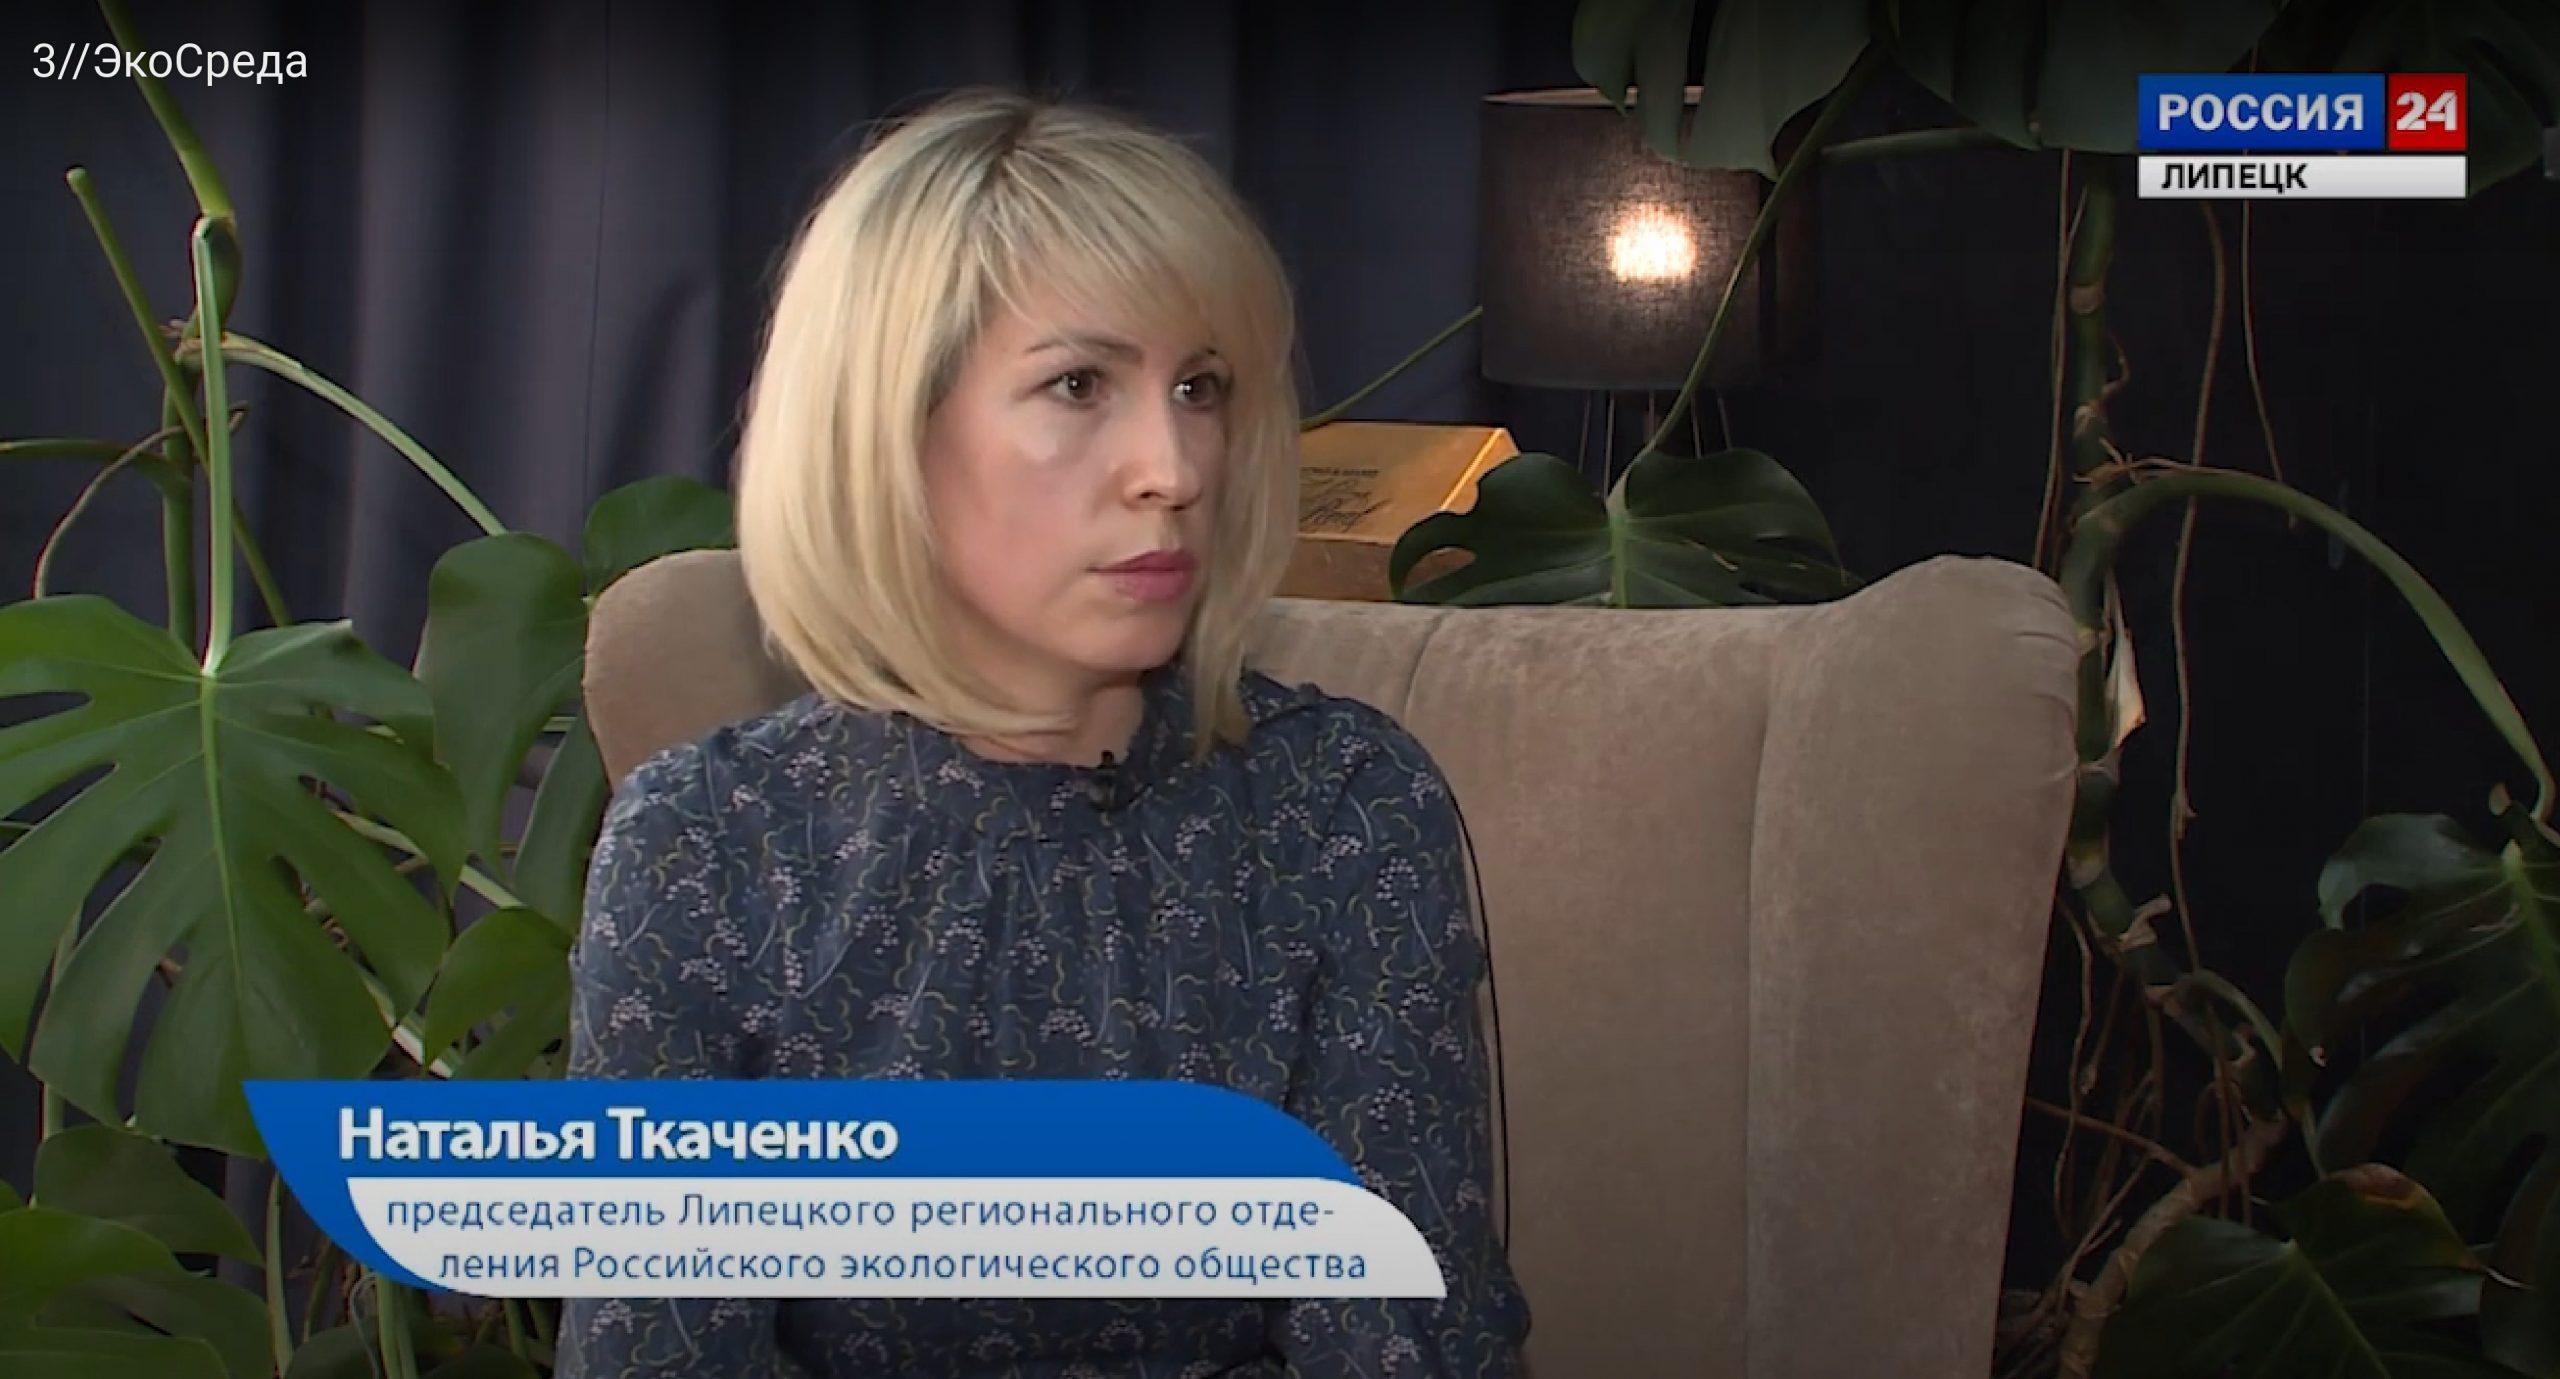 Наталия Ткаченко, председатель Липецкого реготделения Российского экологического общества в телепрограмме «ЭкоСреда»